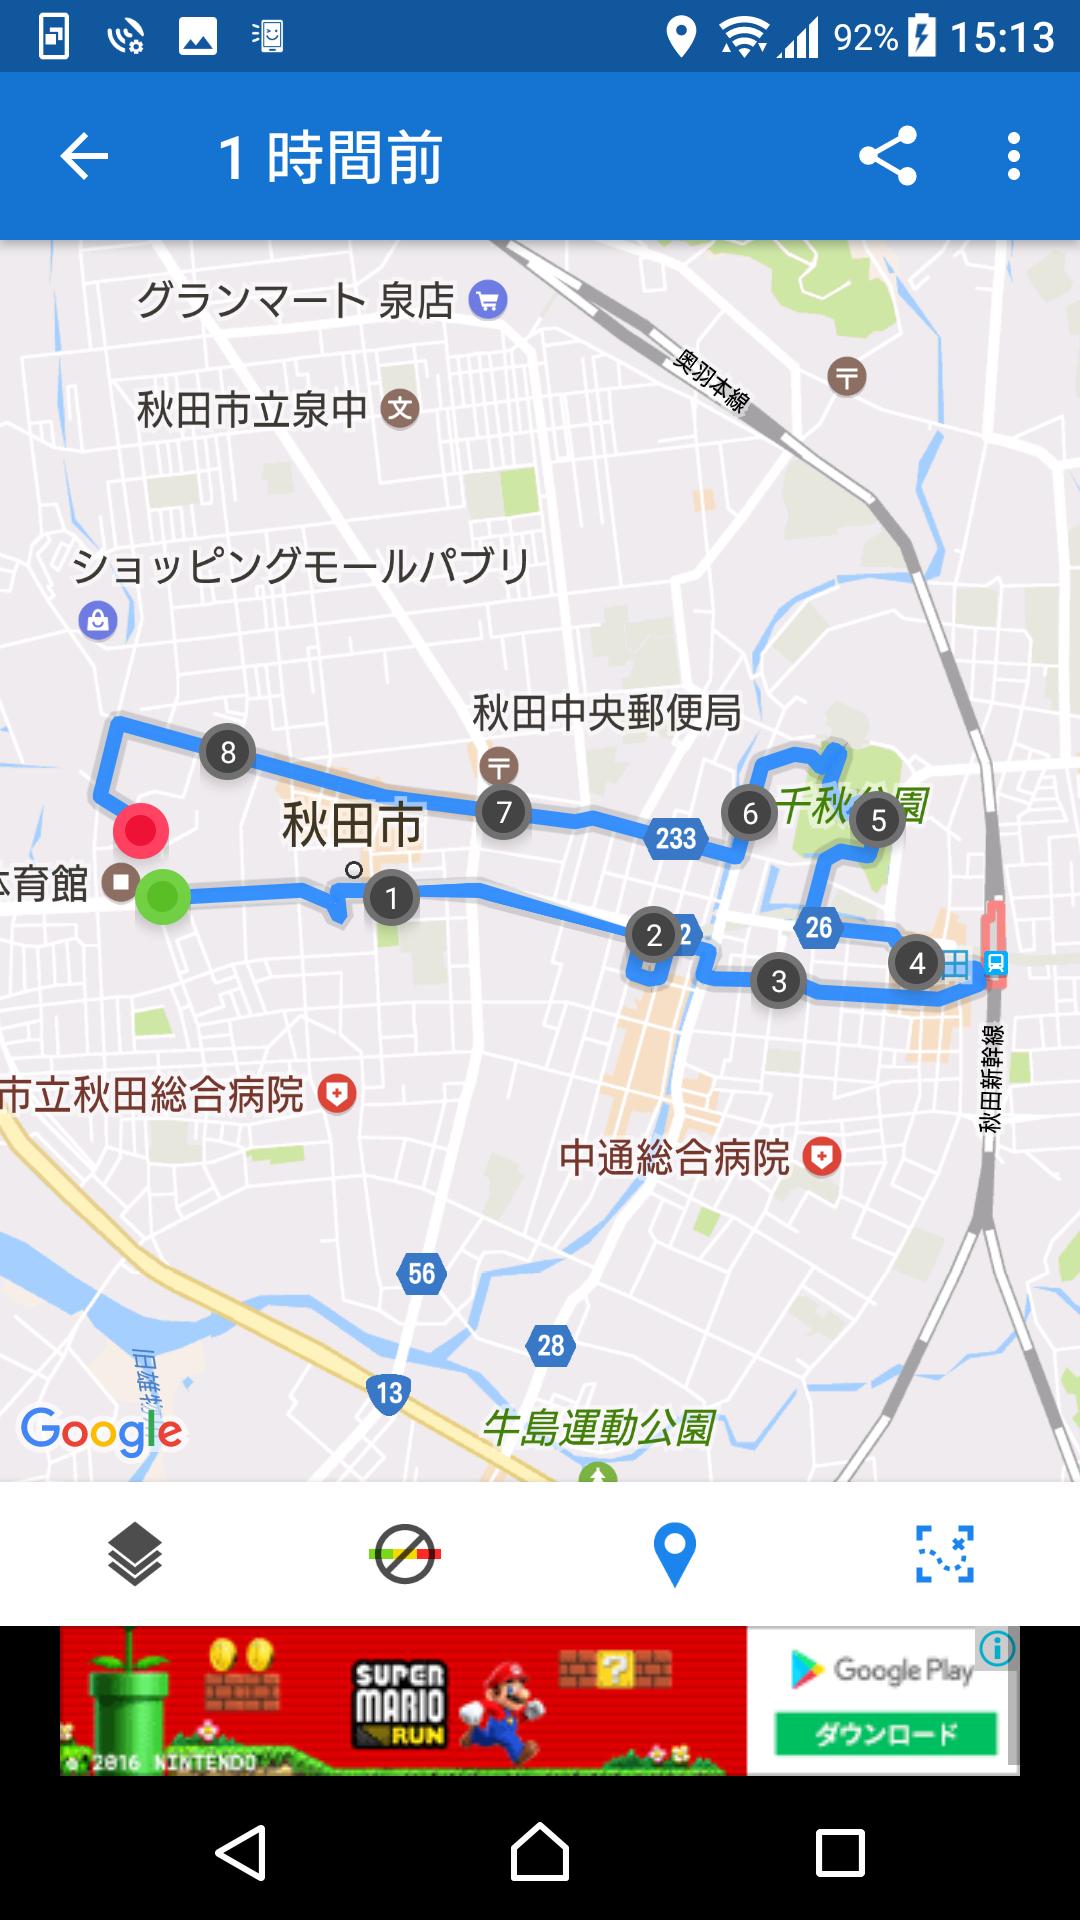 f:id:ynakayama27:20170616153905p:plain